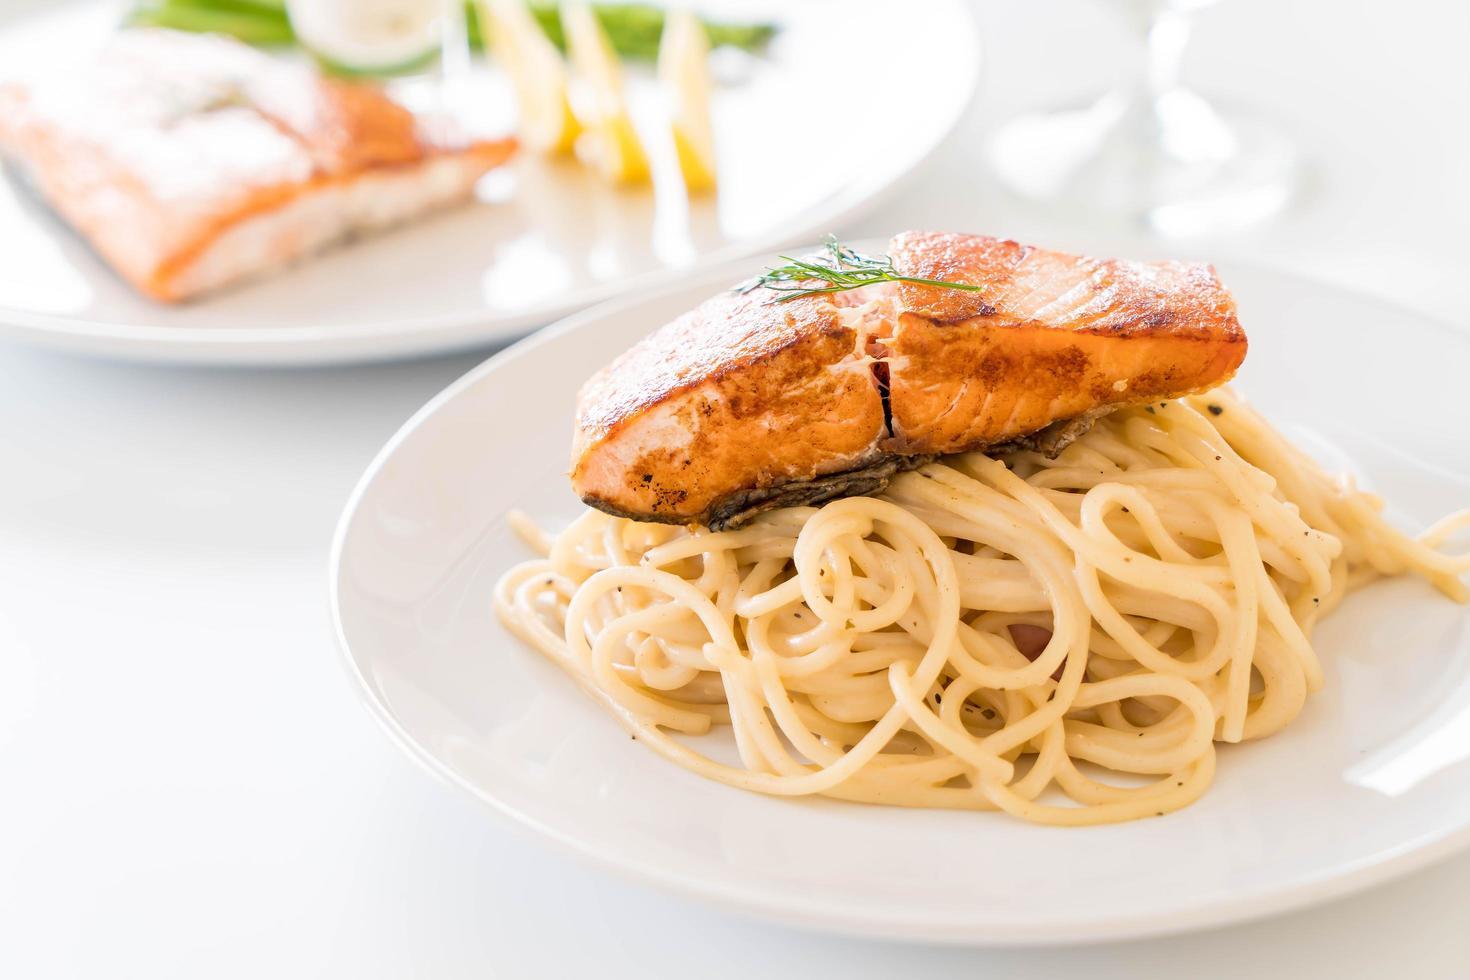 spaghetti au saumon photo